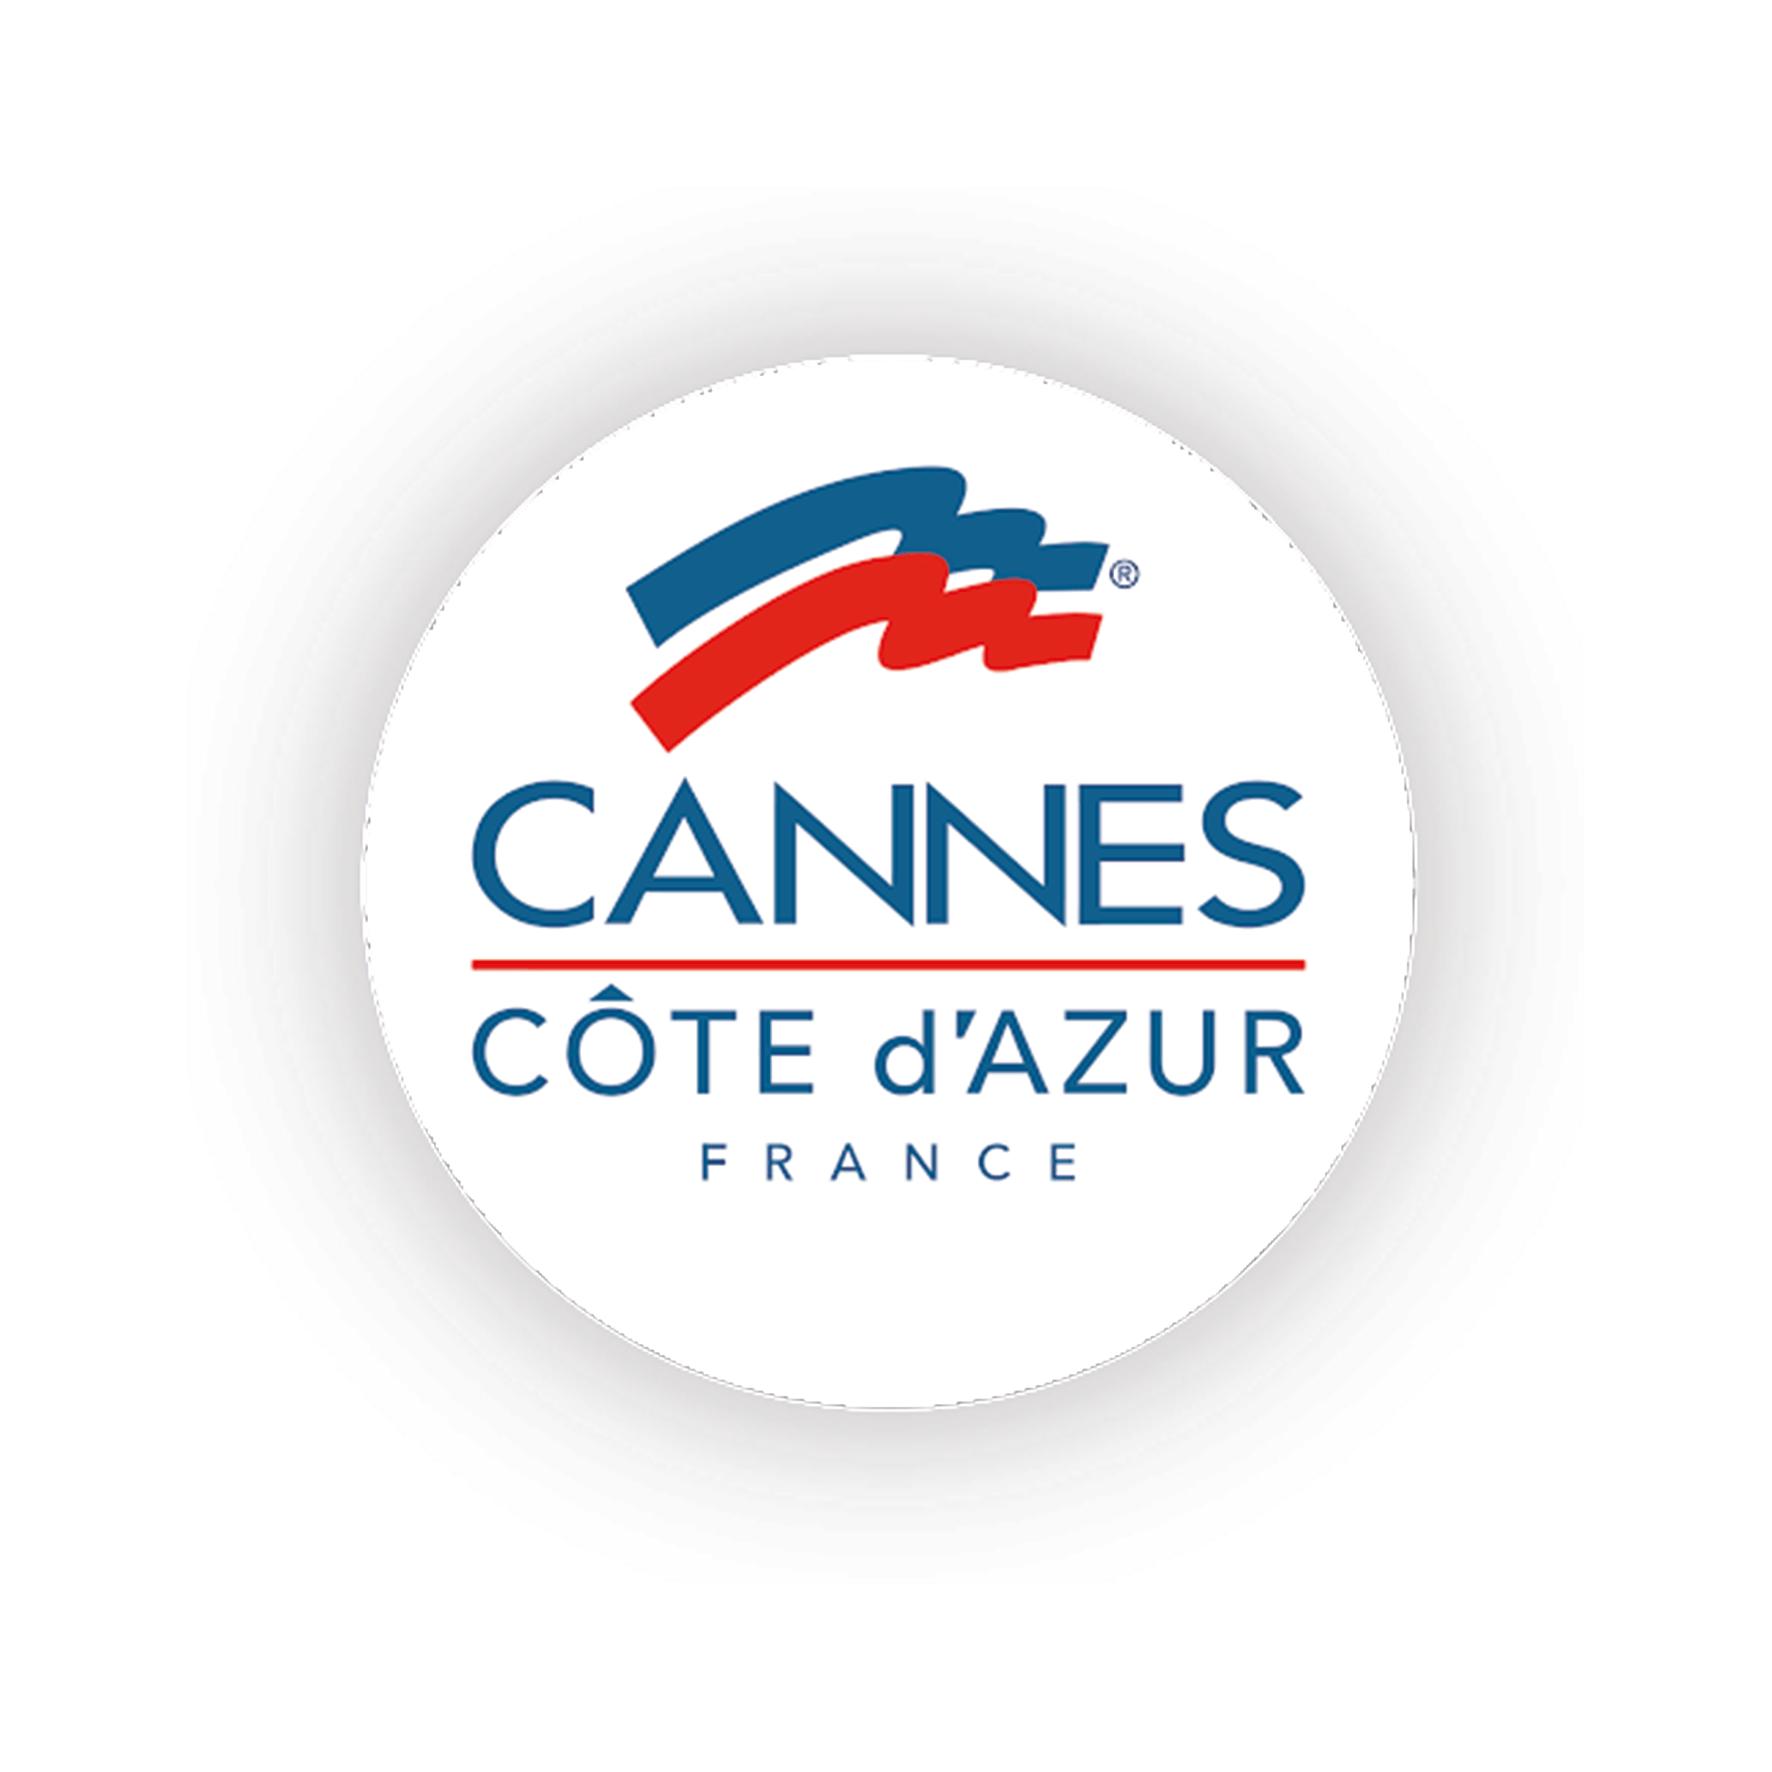 Cannes Côte d'Azur 1772x1772 CMJN